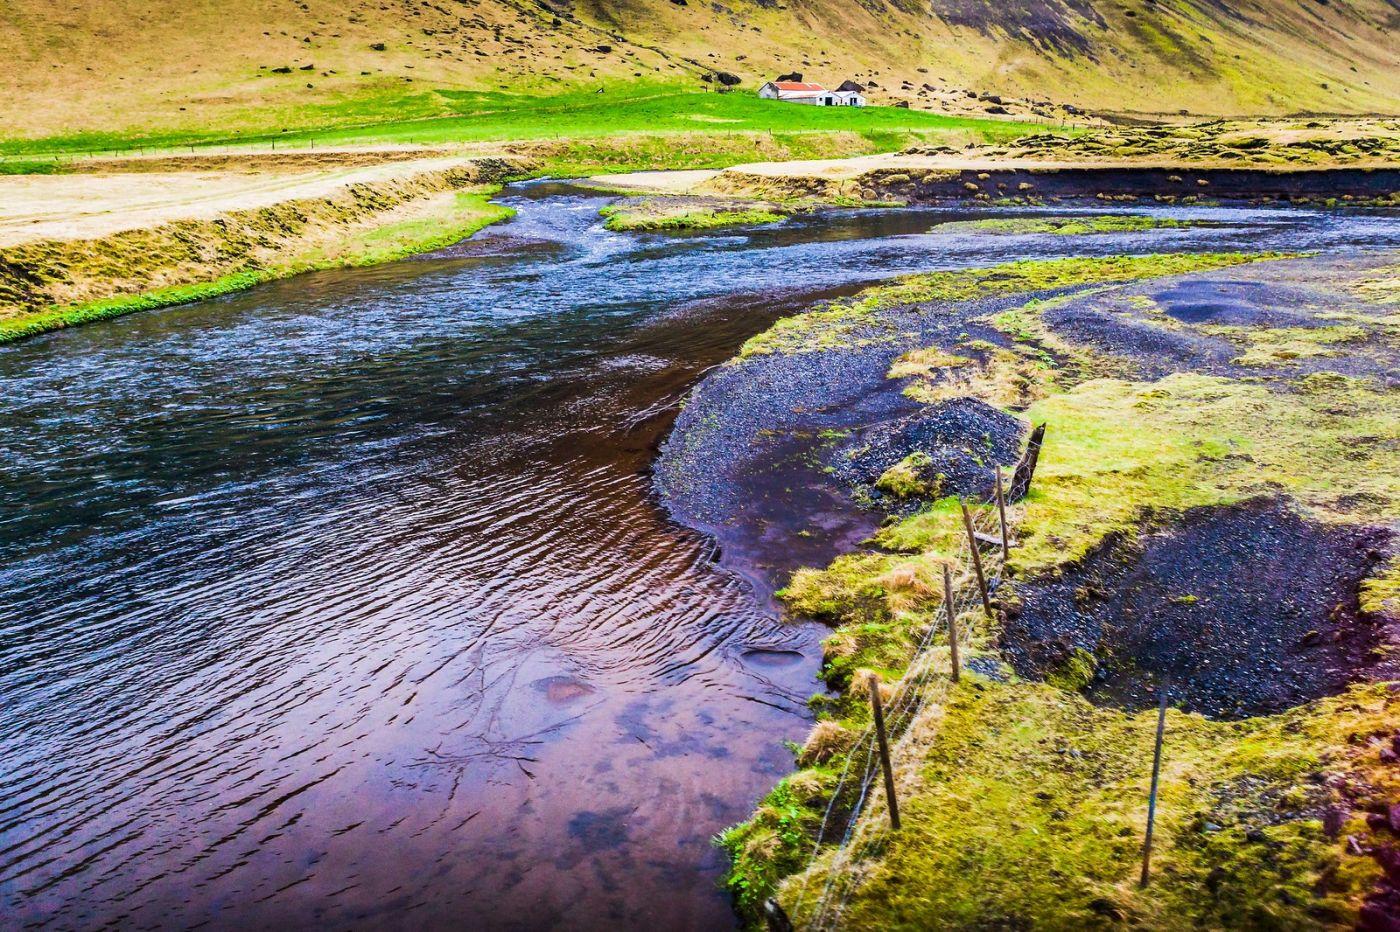 冰岛风采,那一片水景_图1-39